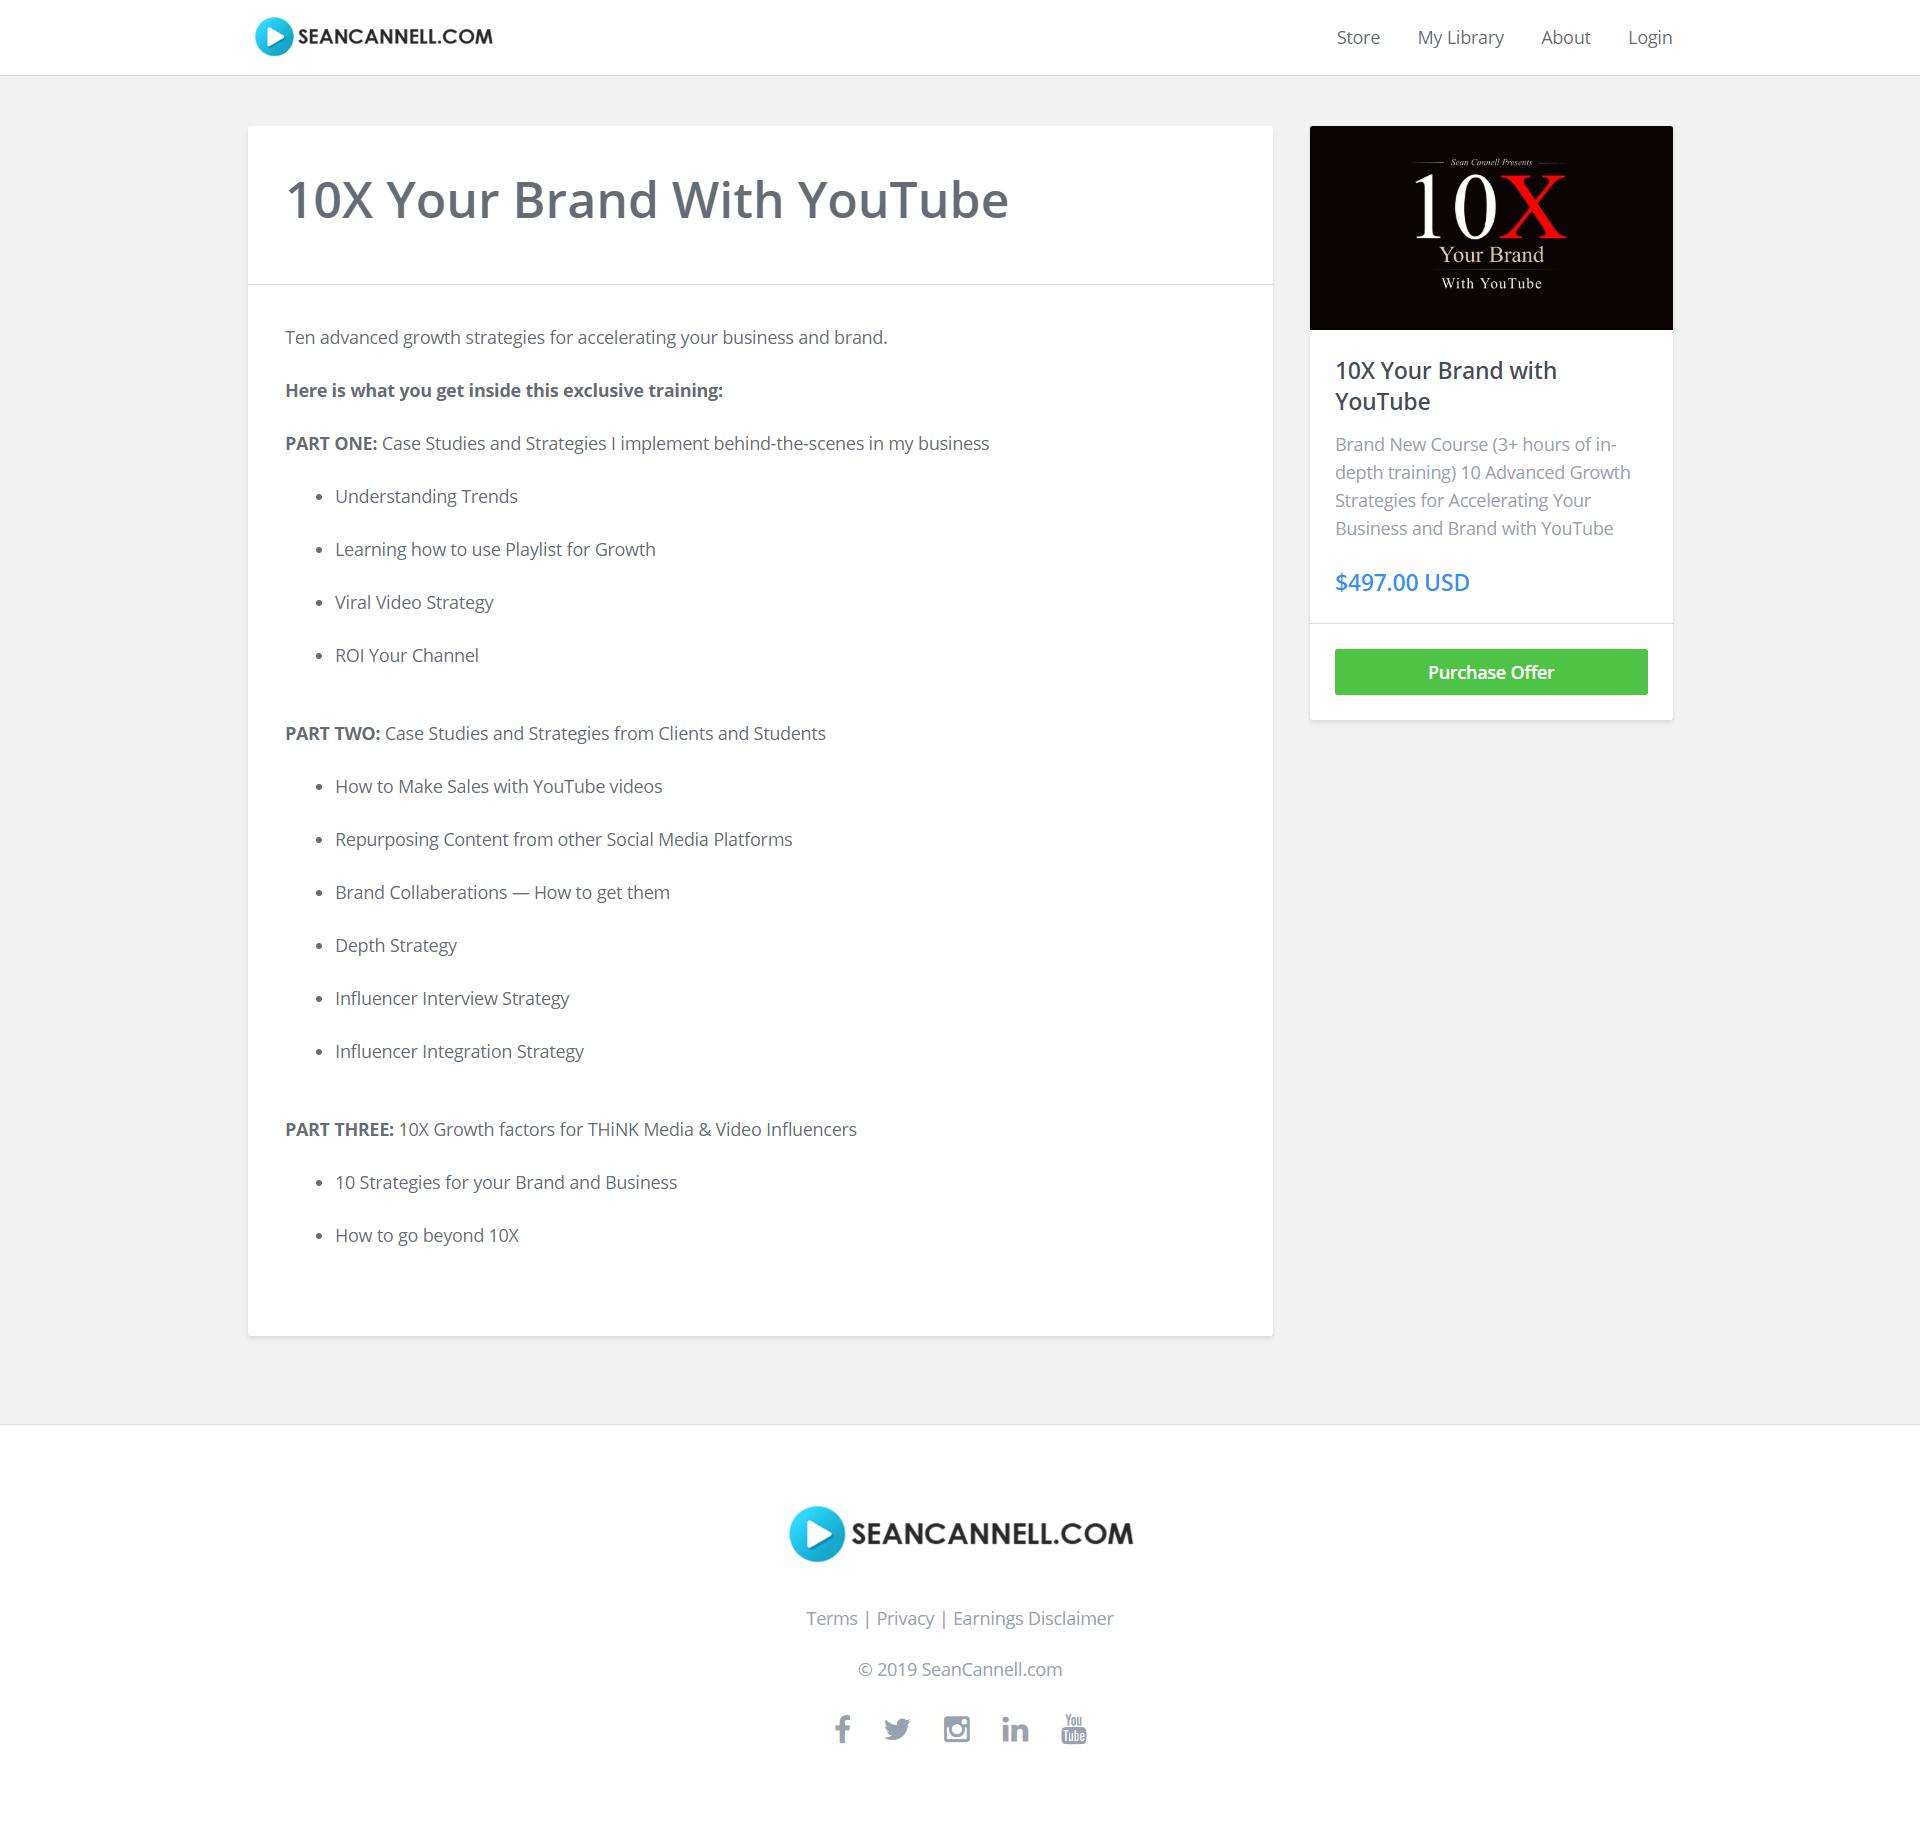 全新的三小时的深度培训 - 十个高效的策略教你利用YouTube加速您的业务和品牌成长(10X Your Brand with YouTube)